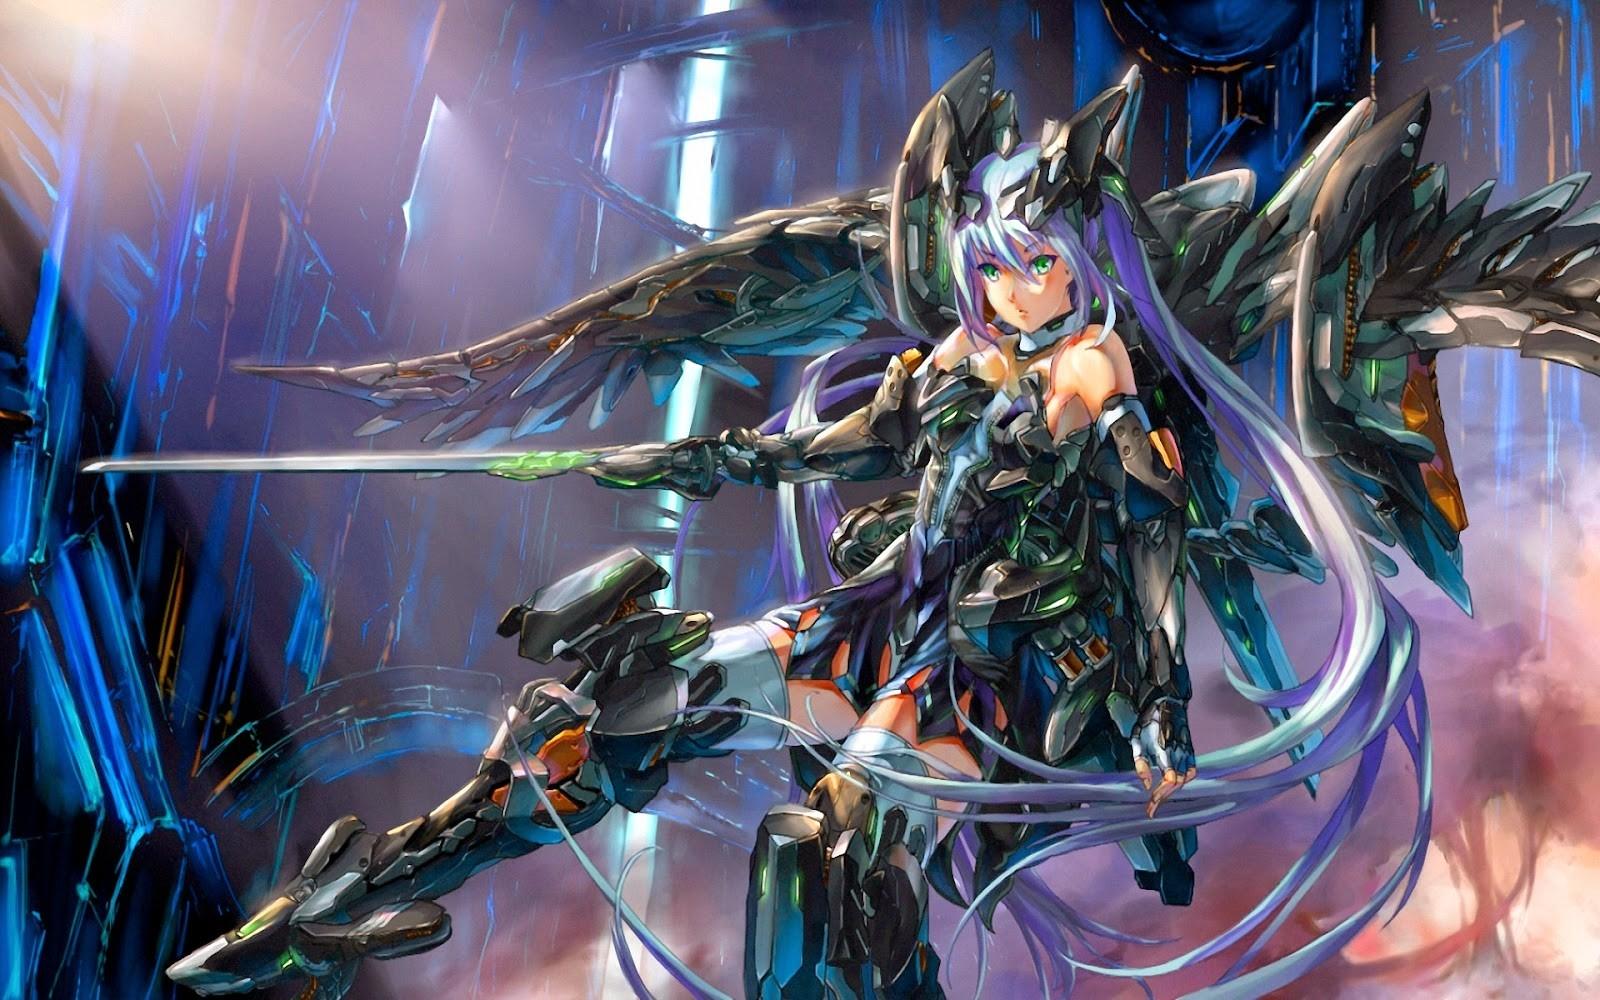 Anime Girls Anime Fantasy Art Mecha Girls Japan Wallpaper - Anime Girl Wallpaper Fantasy - HD Wallpaper